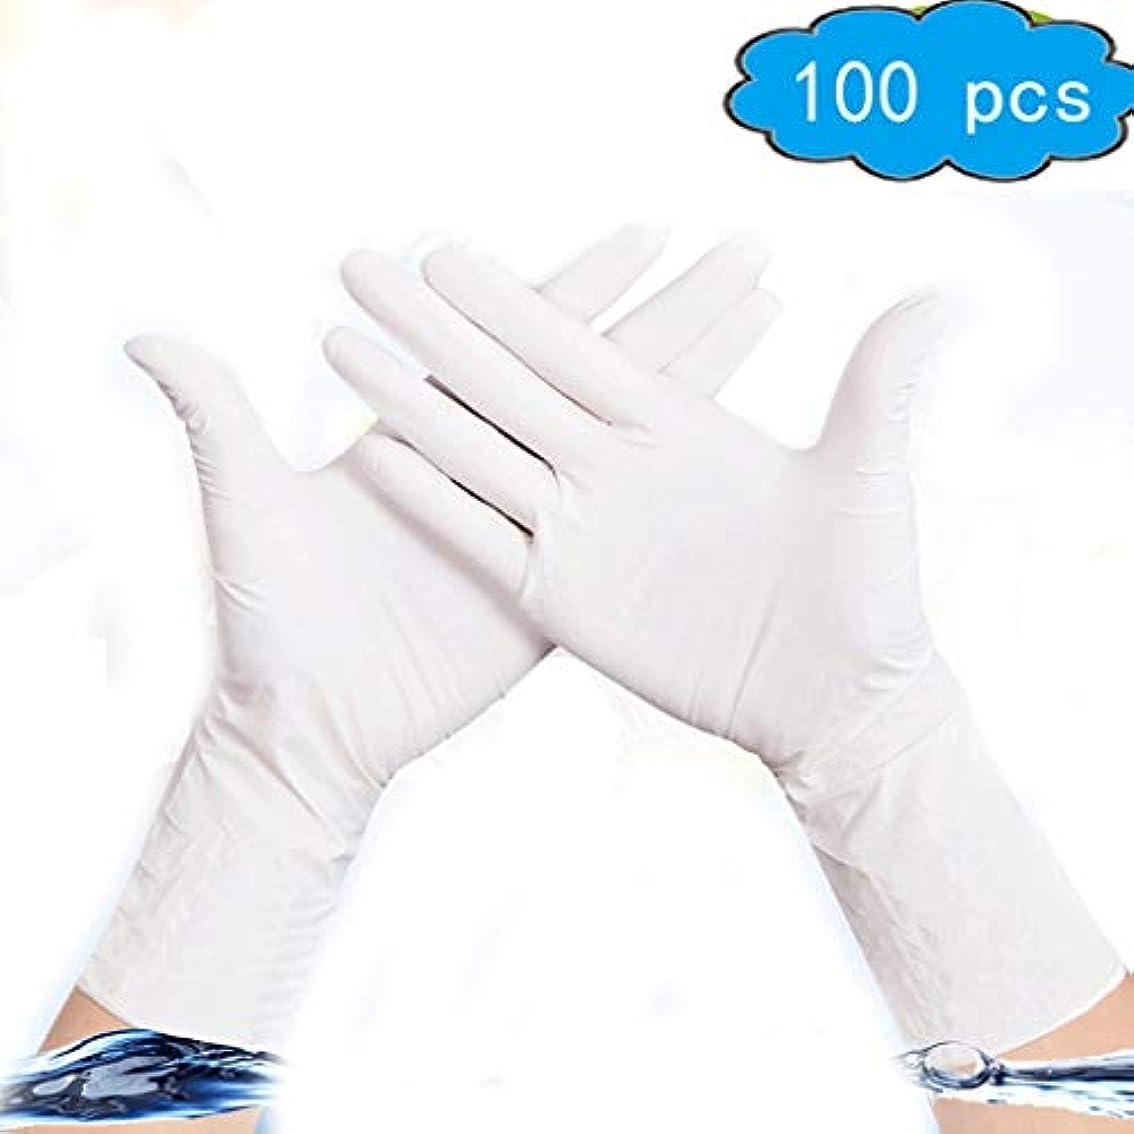 決定するひどいたっぷり使い捨てニトリル手袋、無粉末、滑らかな肌触り、食品グレード、非滅菌[100パック]、サニタリー手袋、家庭用品、ツール&ホームインプルーブメント (Color : White, Size : XS)